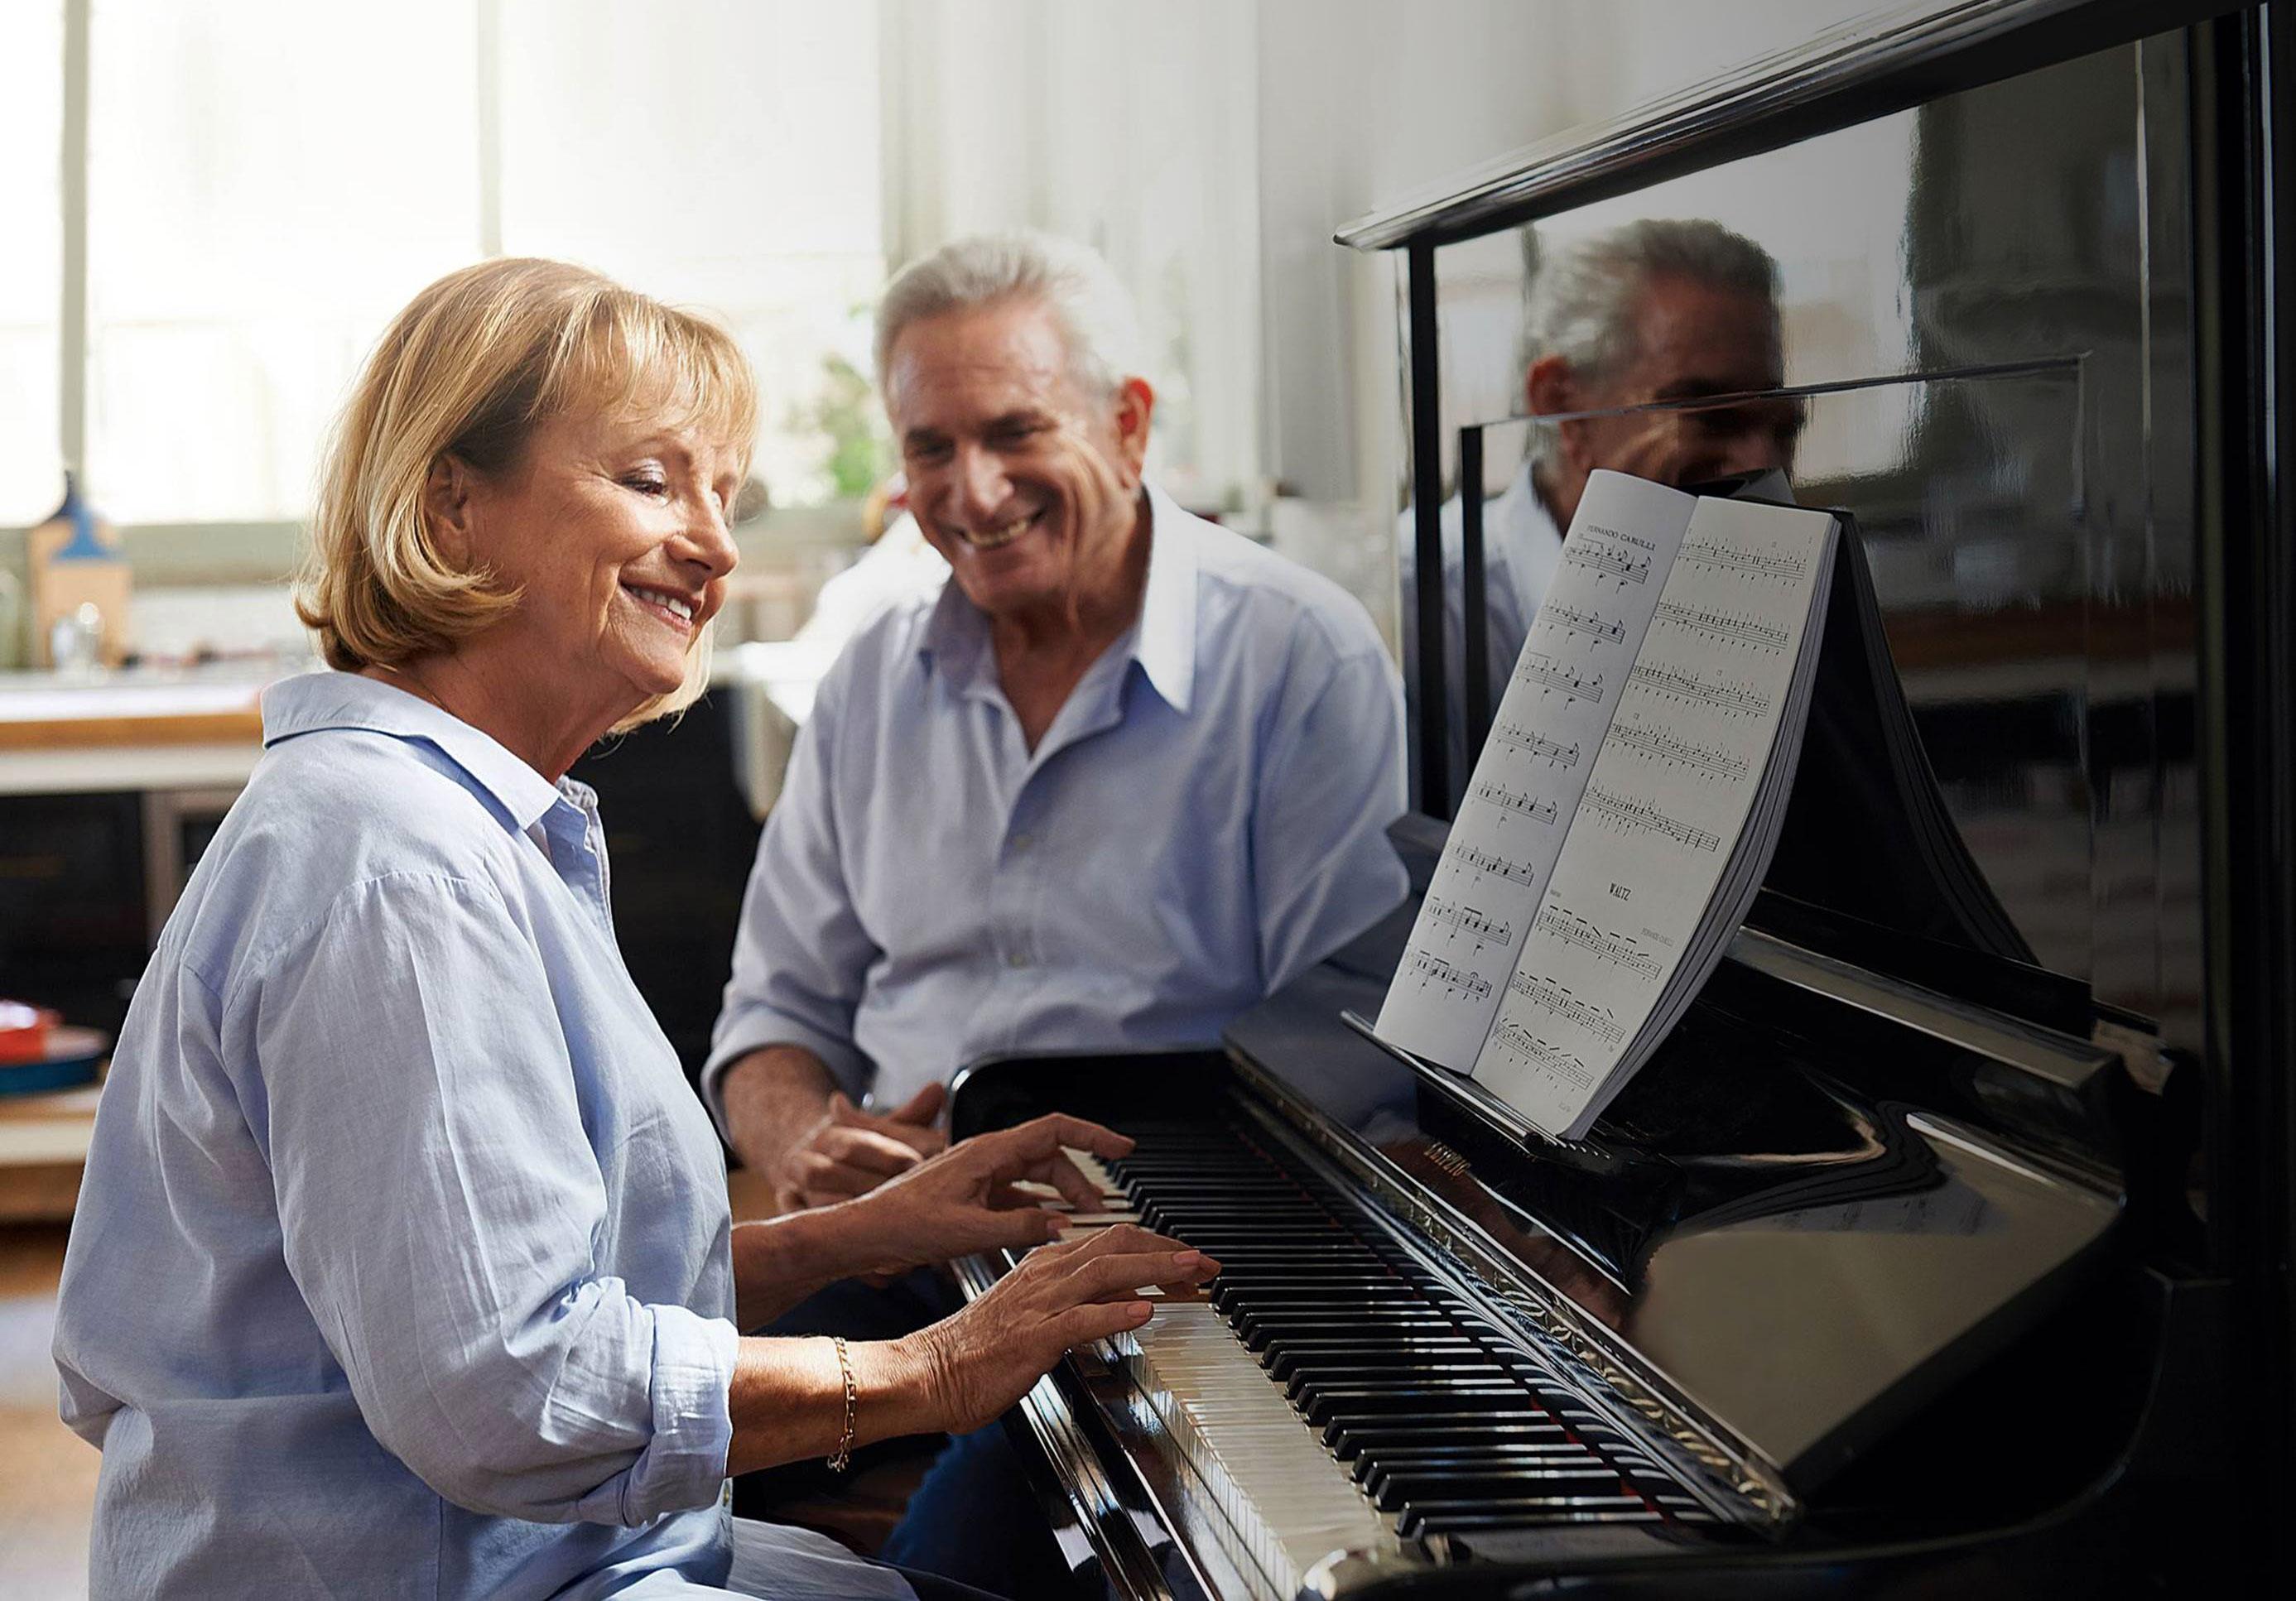 אישה מבוגרת מנגנת על פסנתר